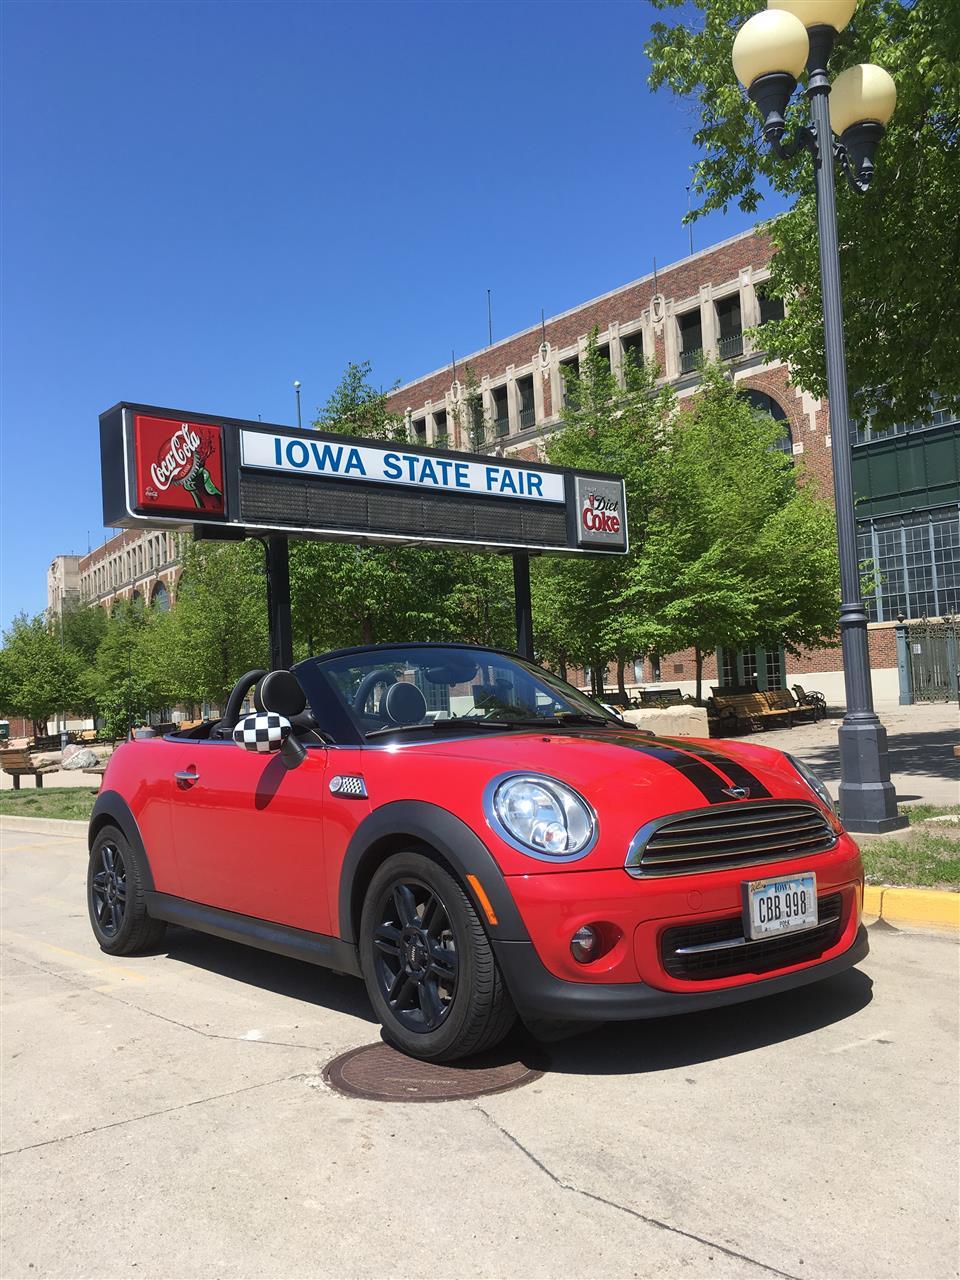 Iowa State Fair.  #Des Moines